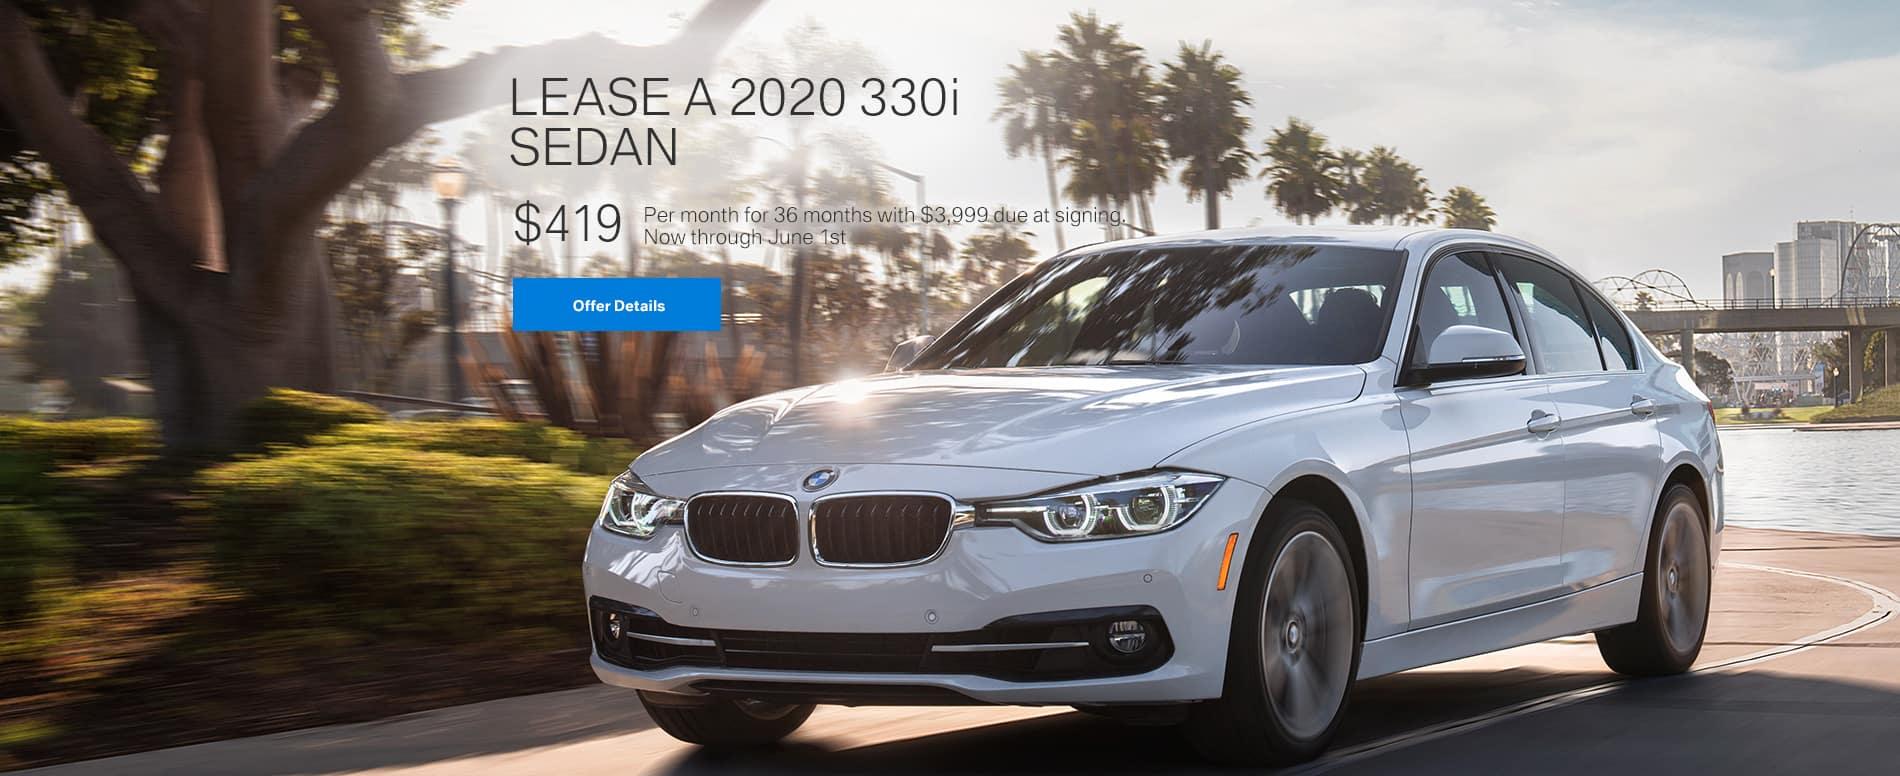 Lease a 2020 330i Sedan $419/mo.